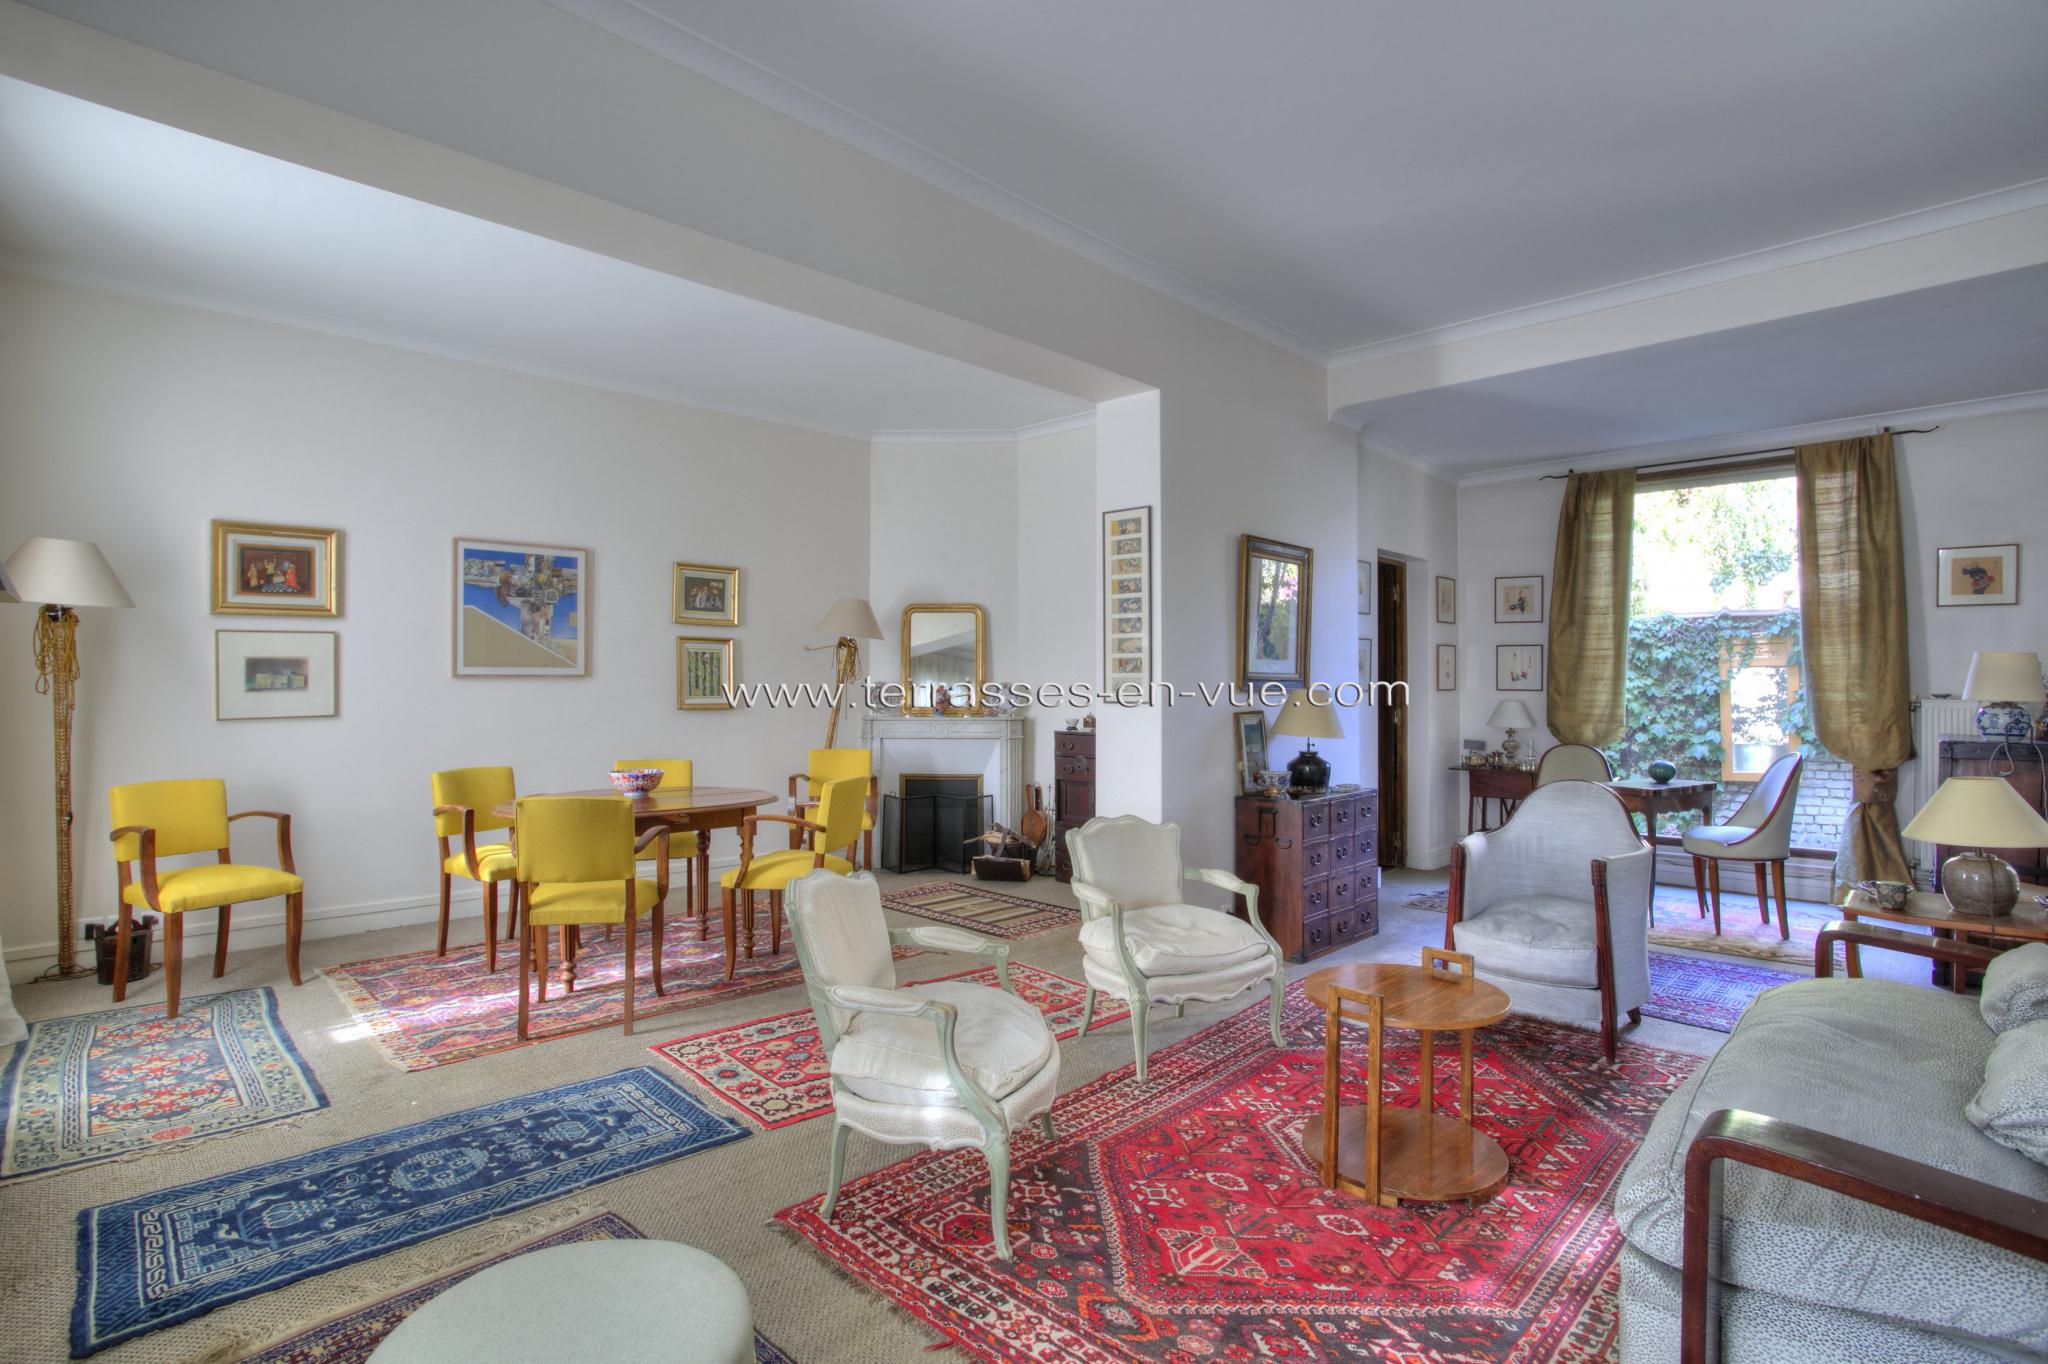 Maison À vendre - Saint-Ouen / 93400